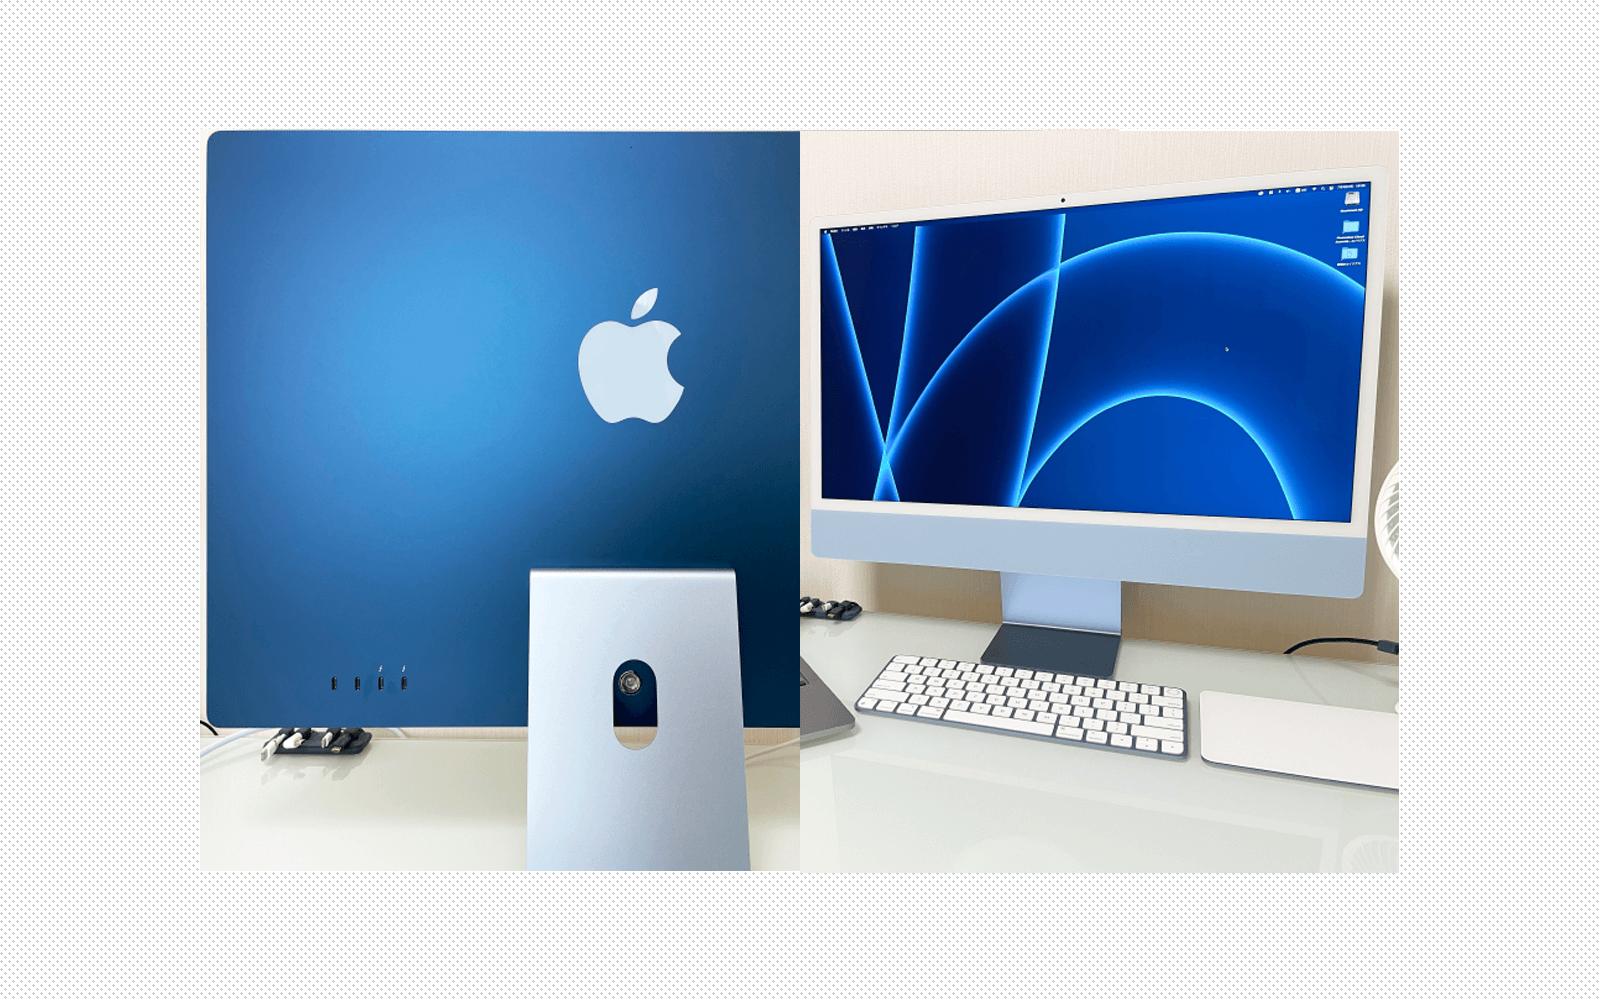 iMac2021年版(M1チップ)を購入。使い心地や便利グッズなど